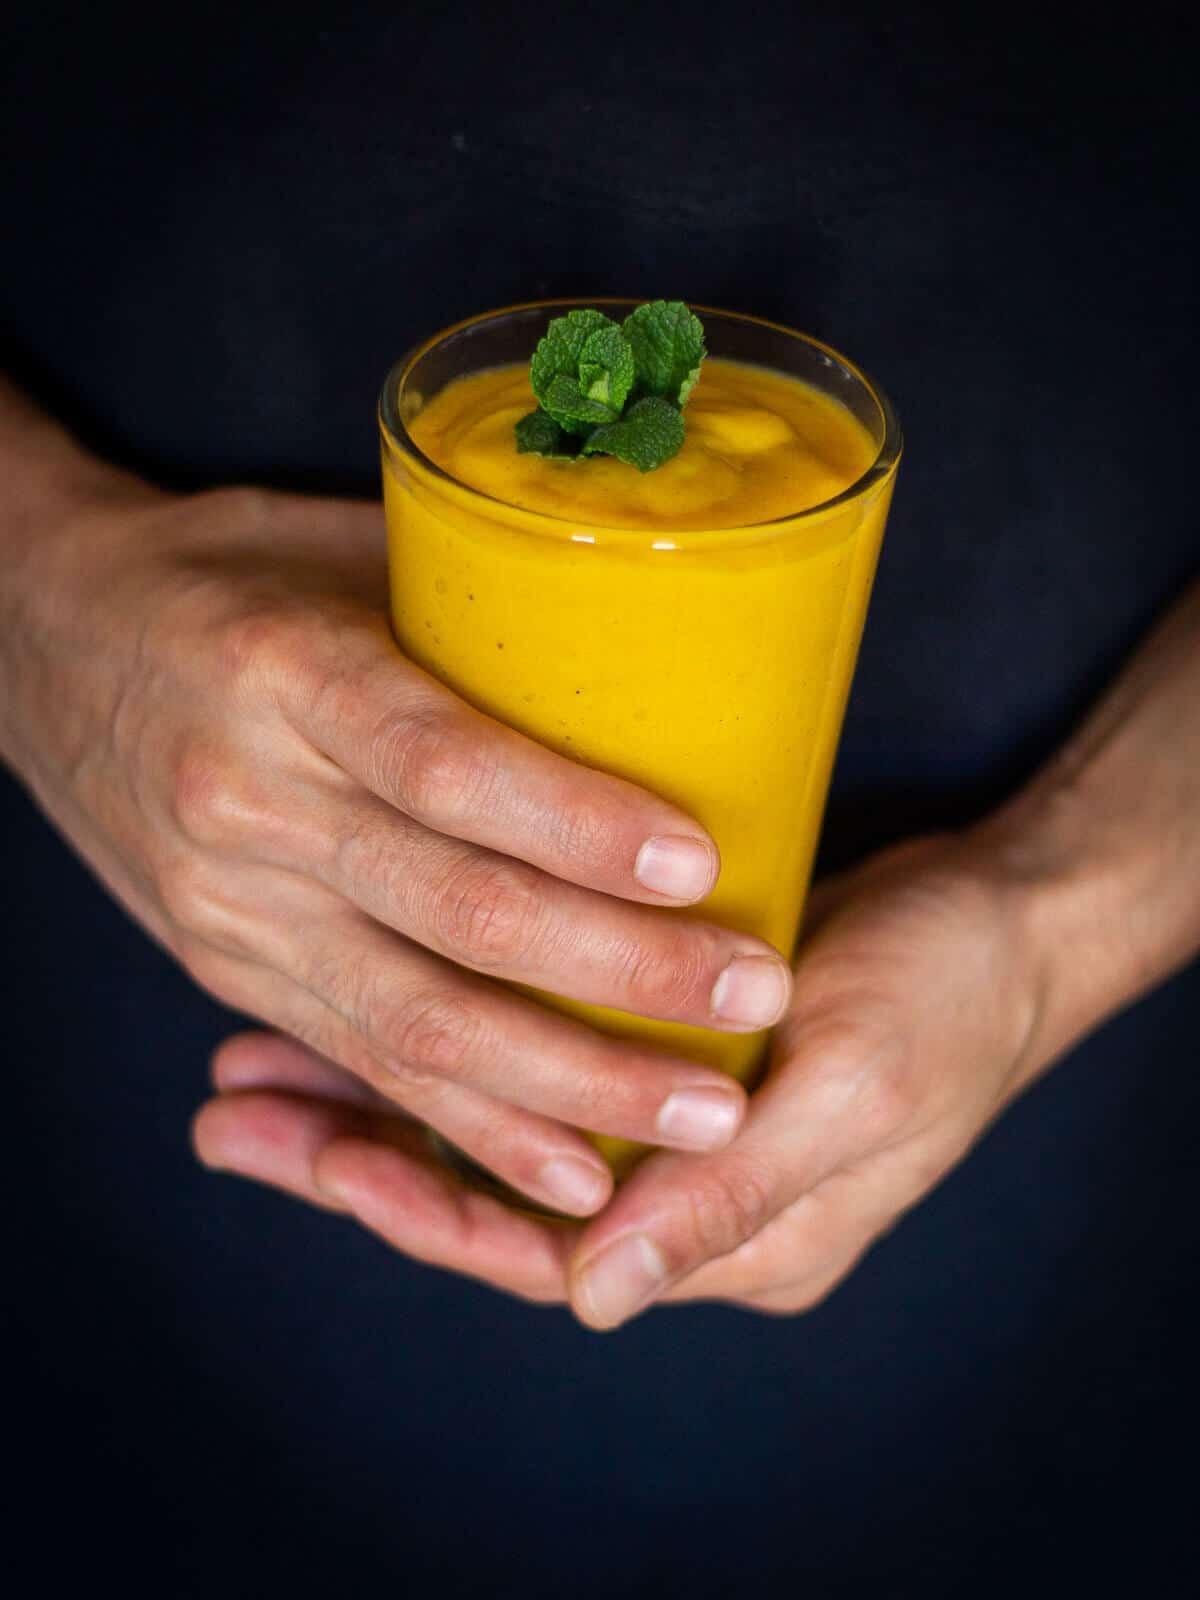 holding mango smoothie glass